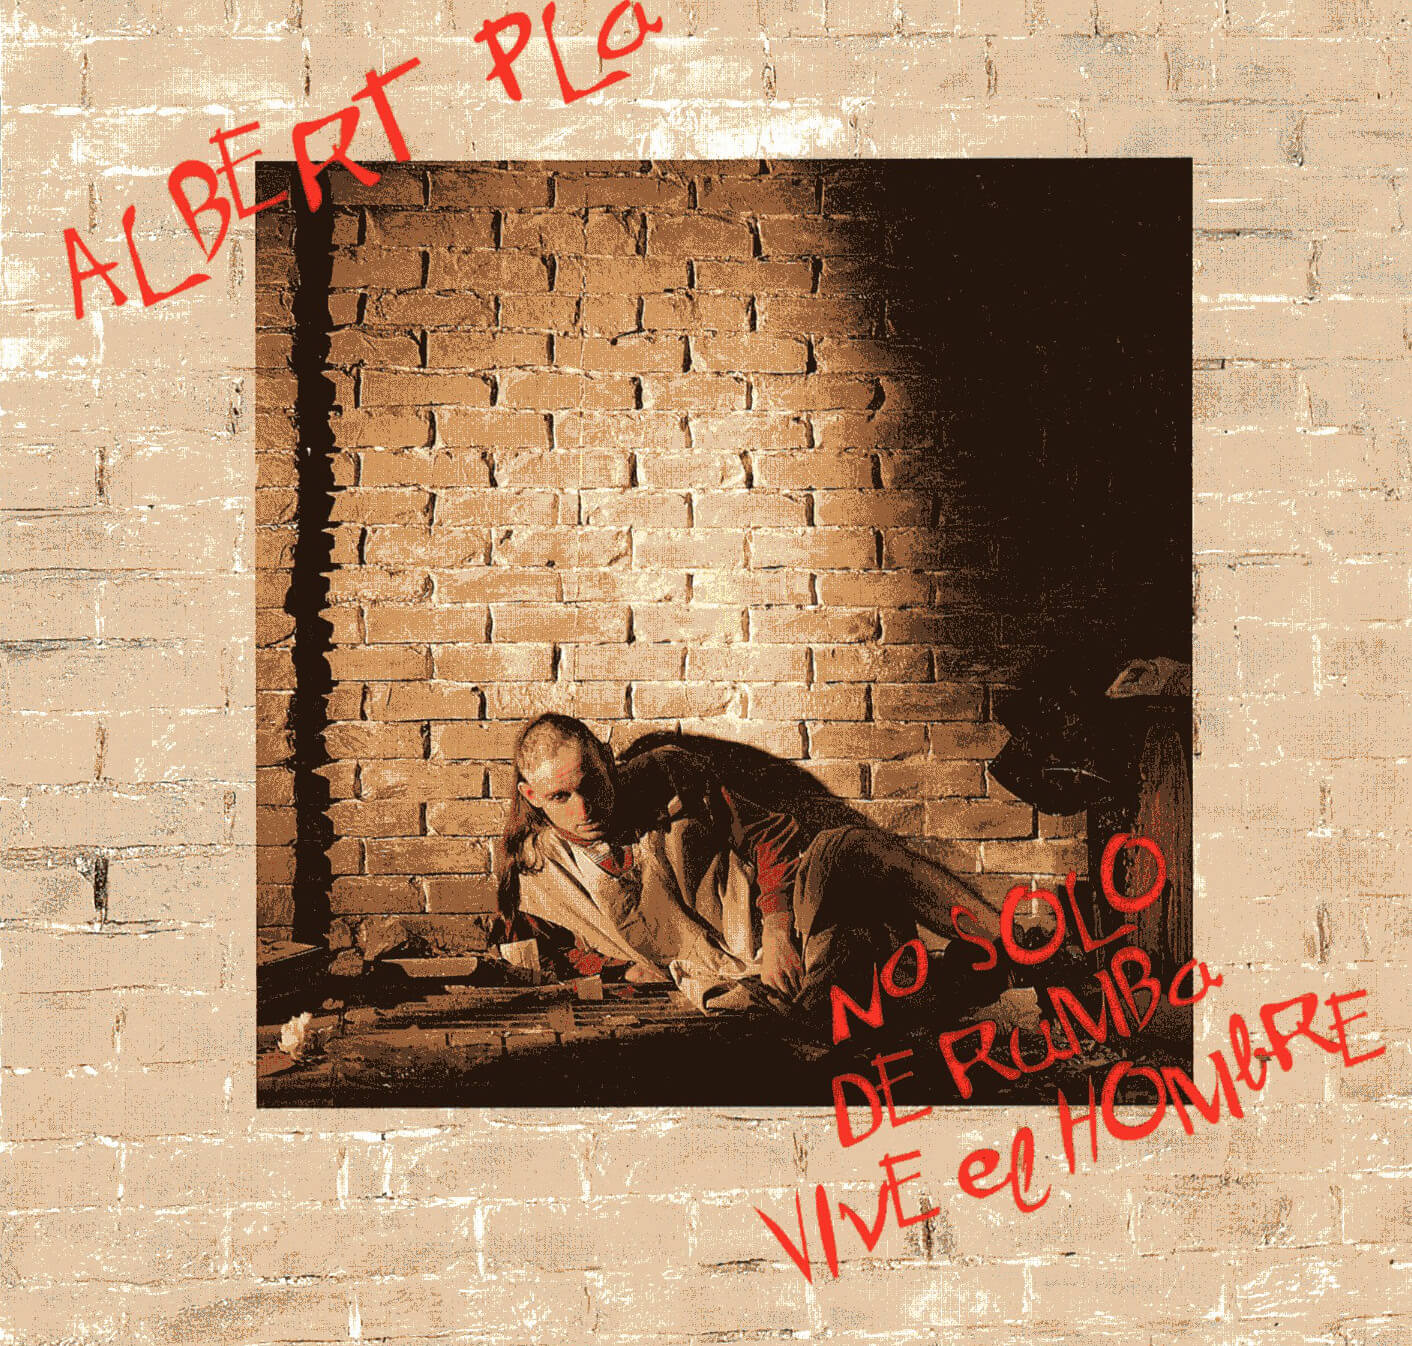 ALBERT PLÁ | NO SOLO DE RUMBA VIVE EL HOMBRE